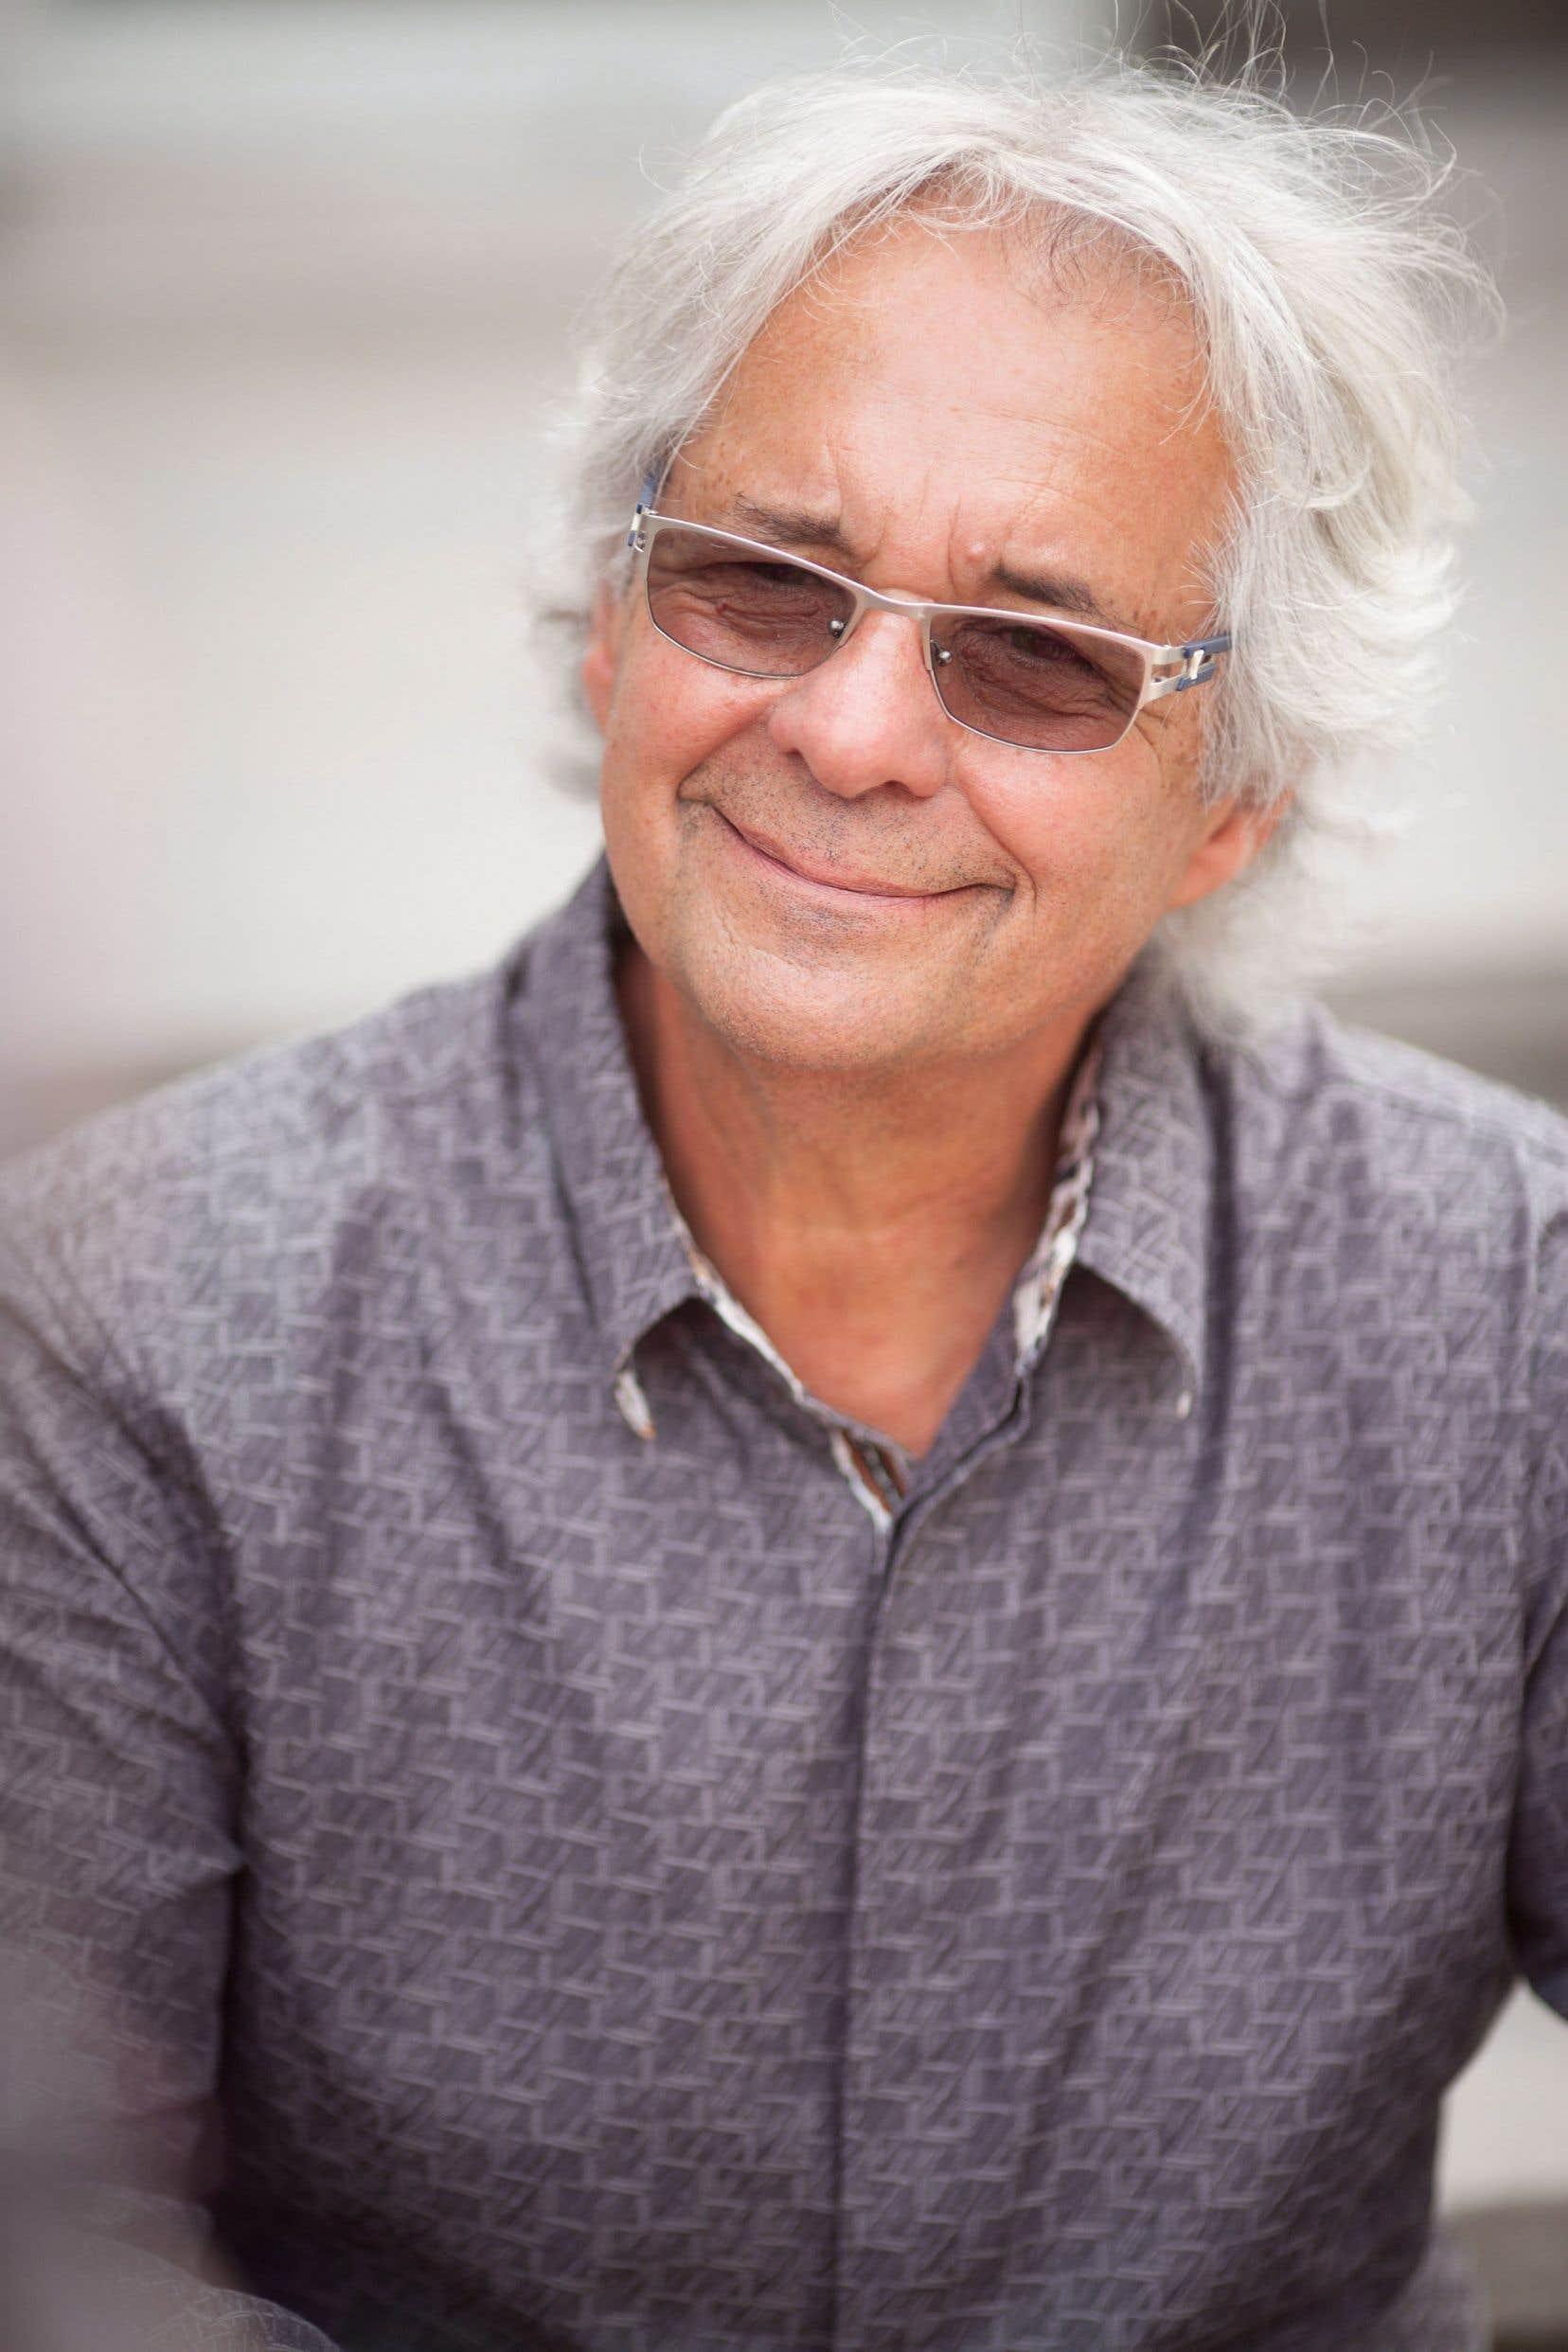 Le docteur Gilles Julien se réjouit qu'une bonne part de la somme amassée provienne de dons de particuliers.